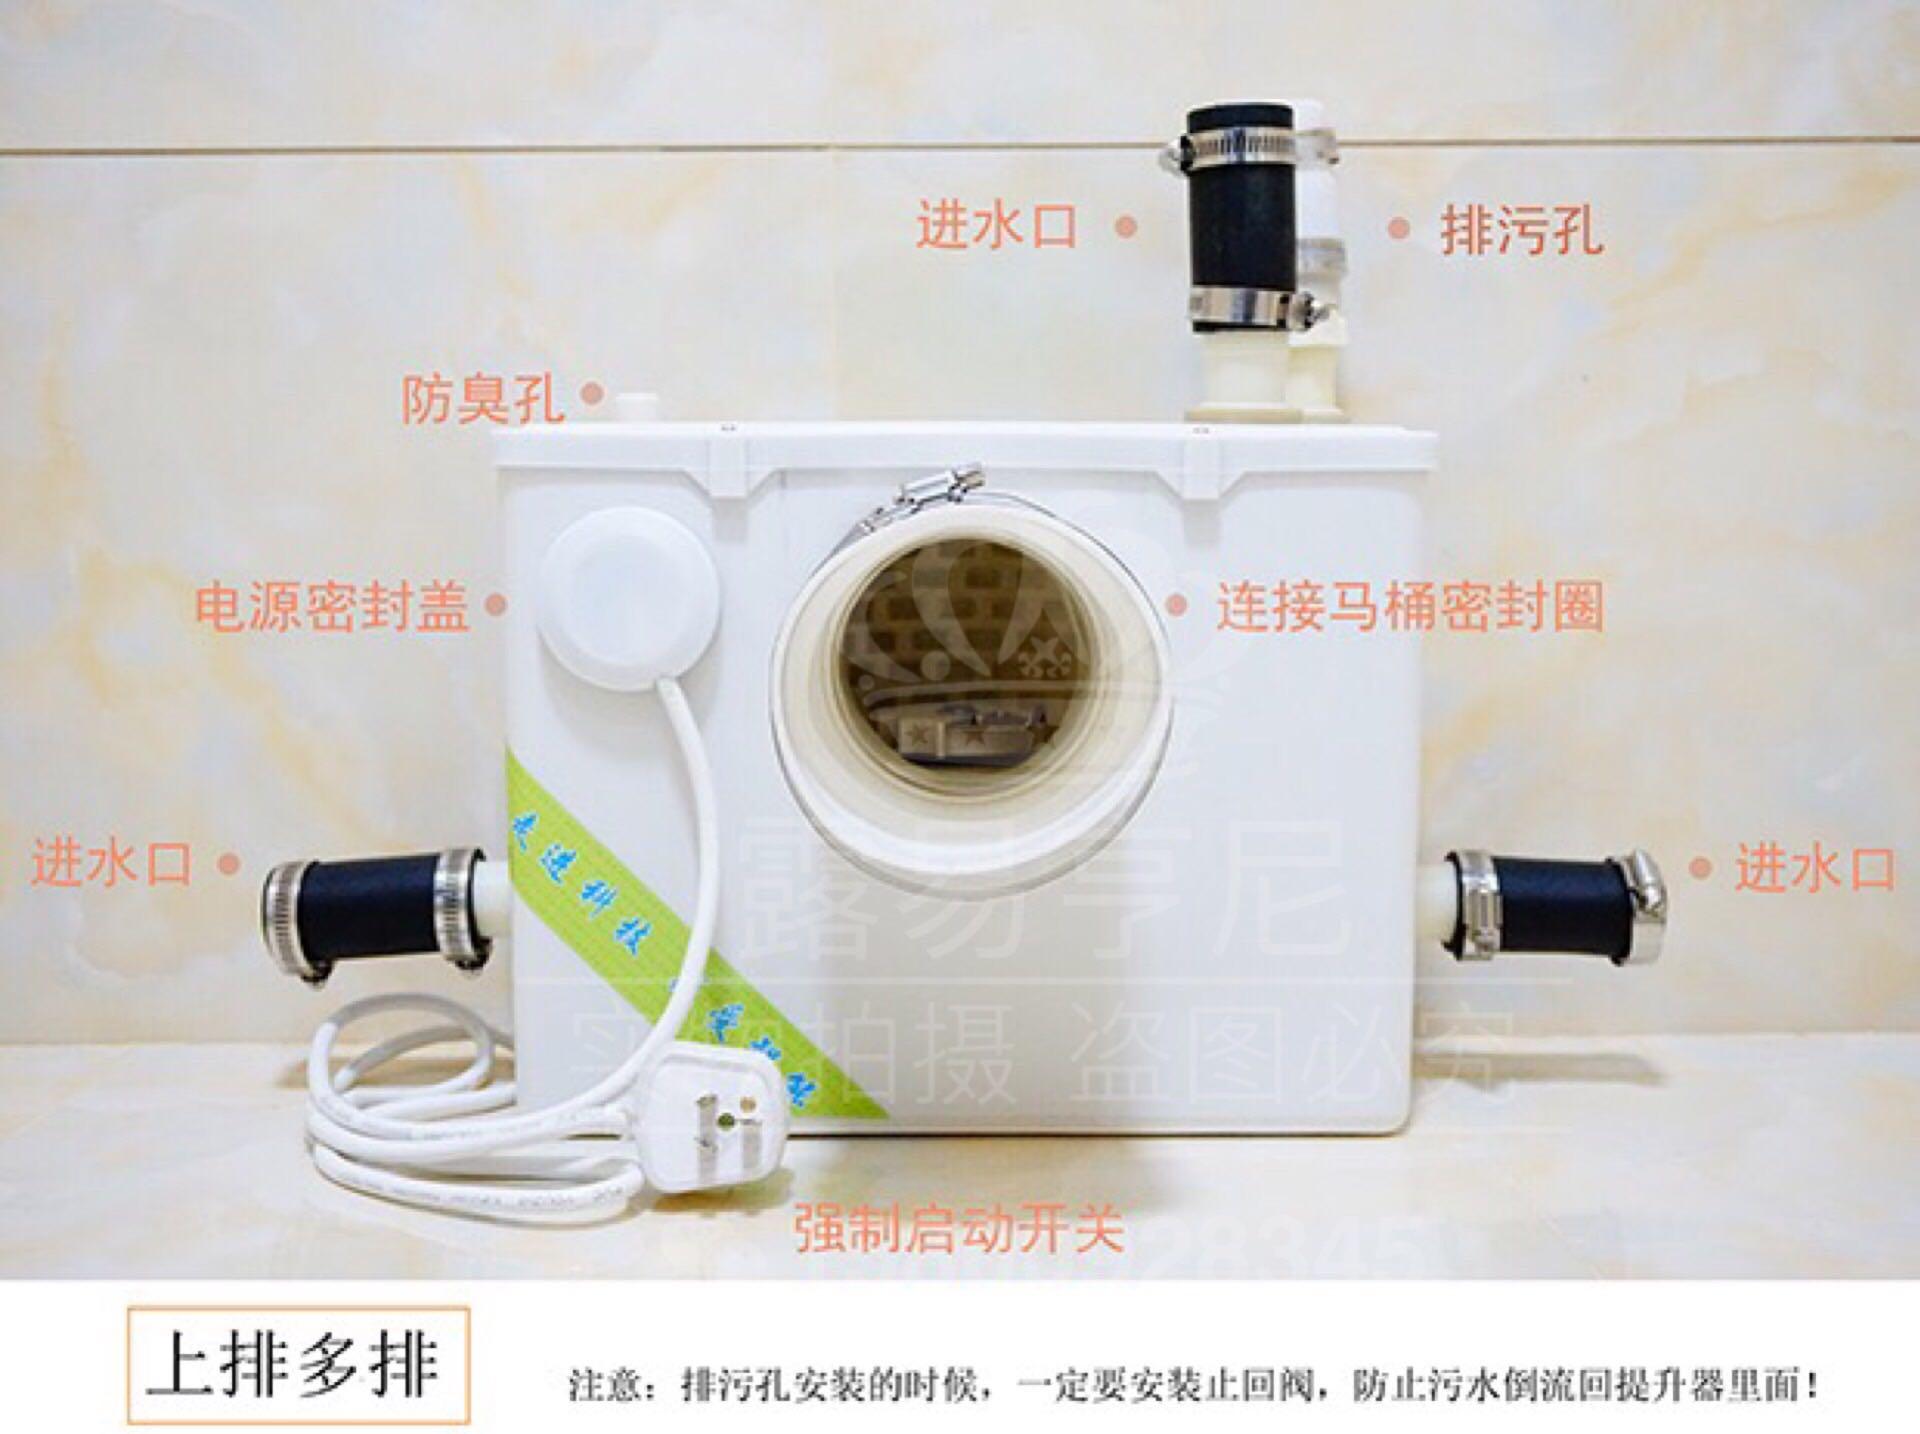 新品速發地下室電動污水提升器墻排電動粉碎馬桶坐便器污水泵電動化糞器